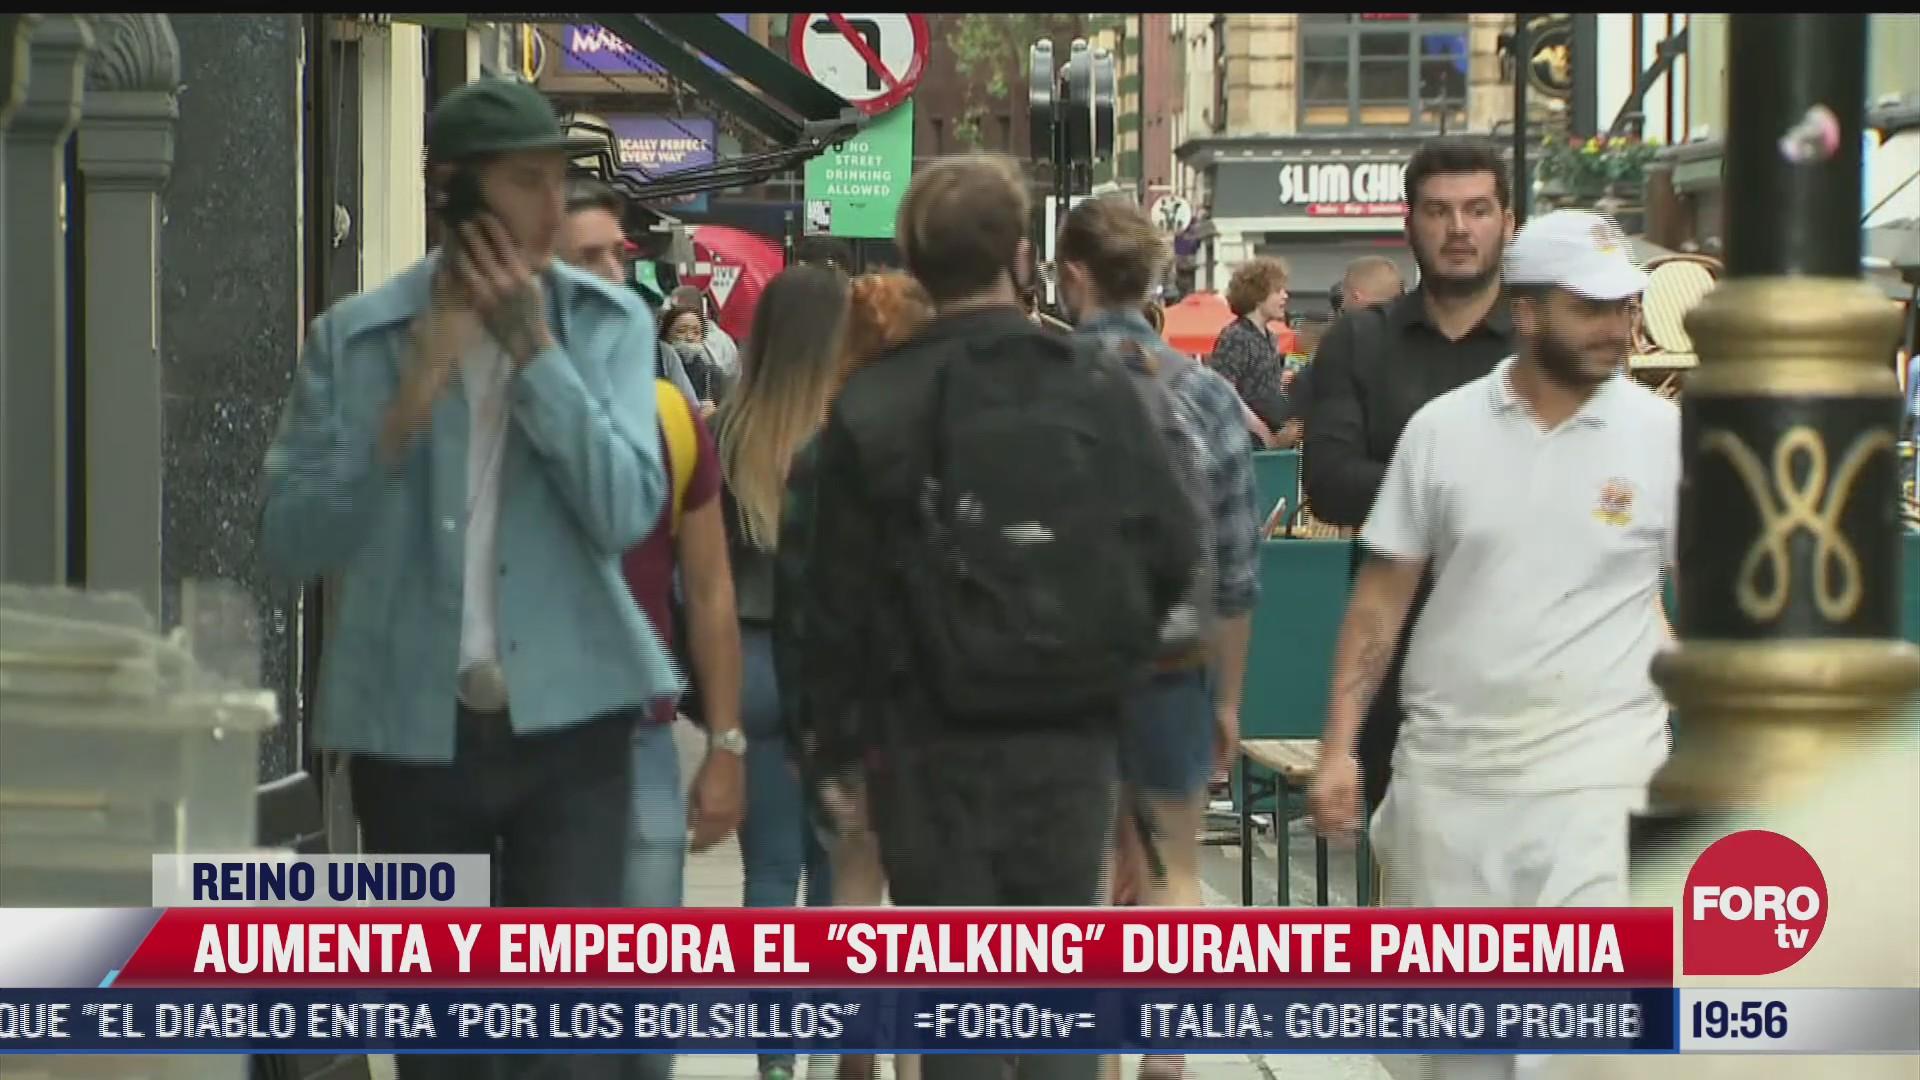 denuncian incremento del stalking en reino unido por pandemia